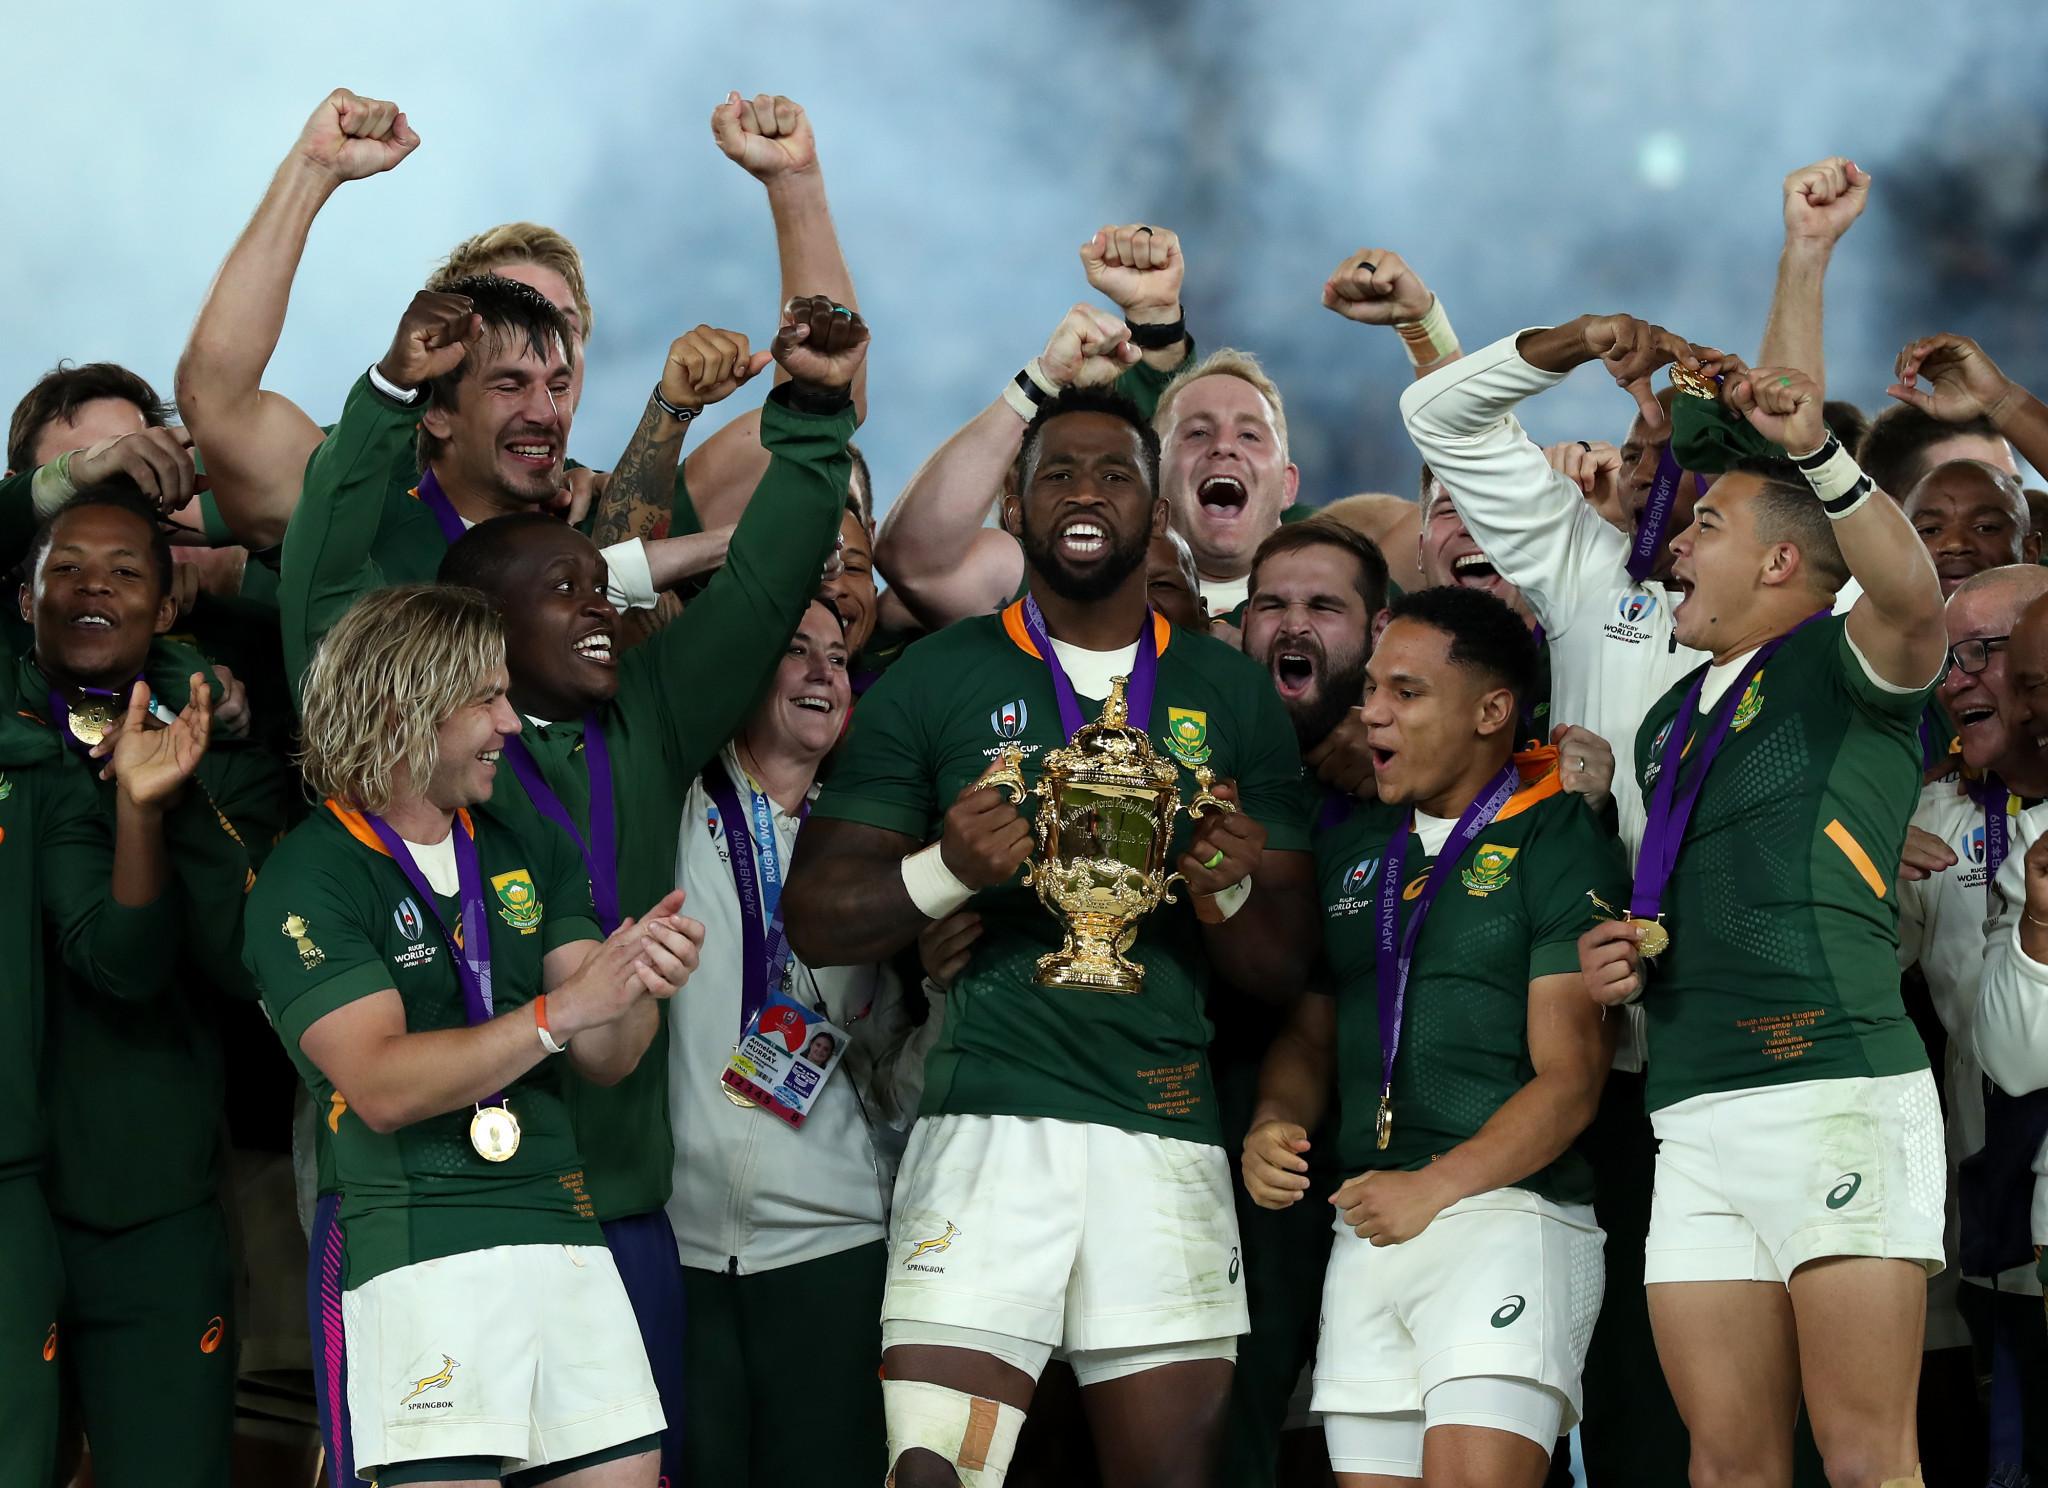 Africa de Sud a învins Anglia pentru a câștiga Cupa Mondială de Rugby 2019 din Japonia © Getty Images